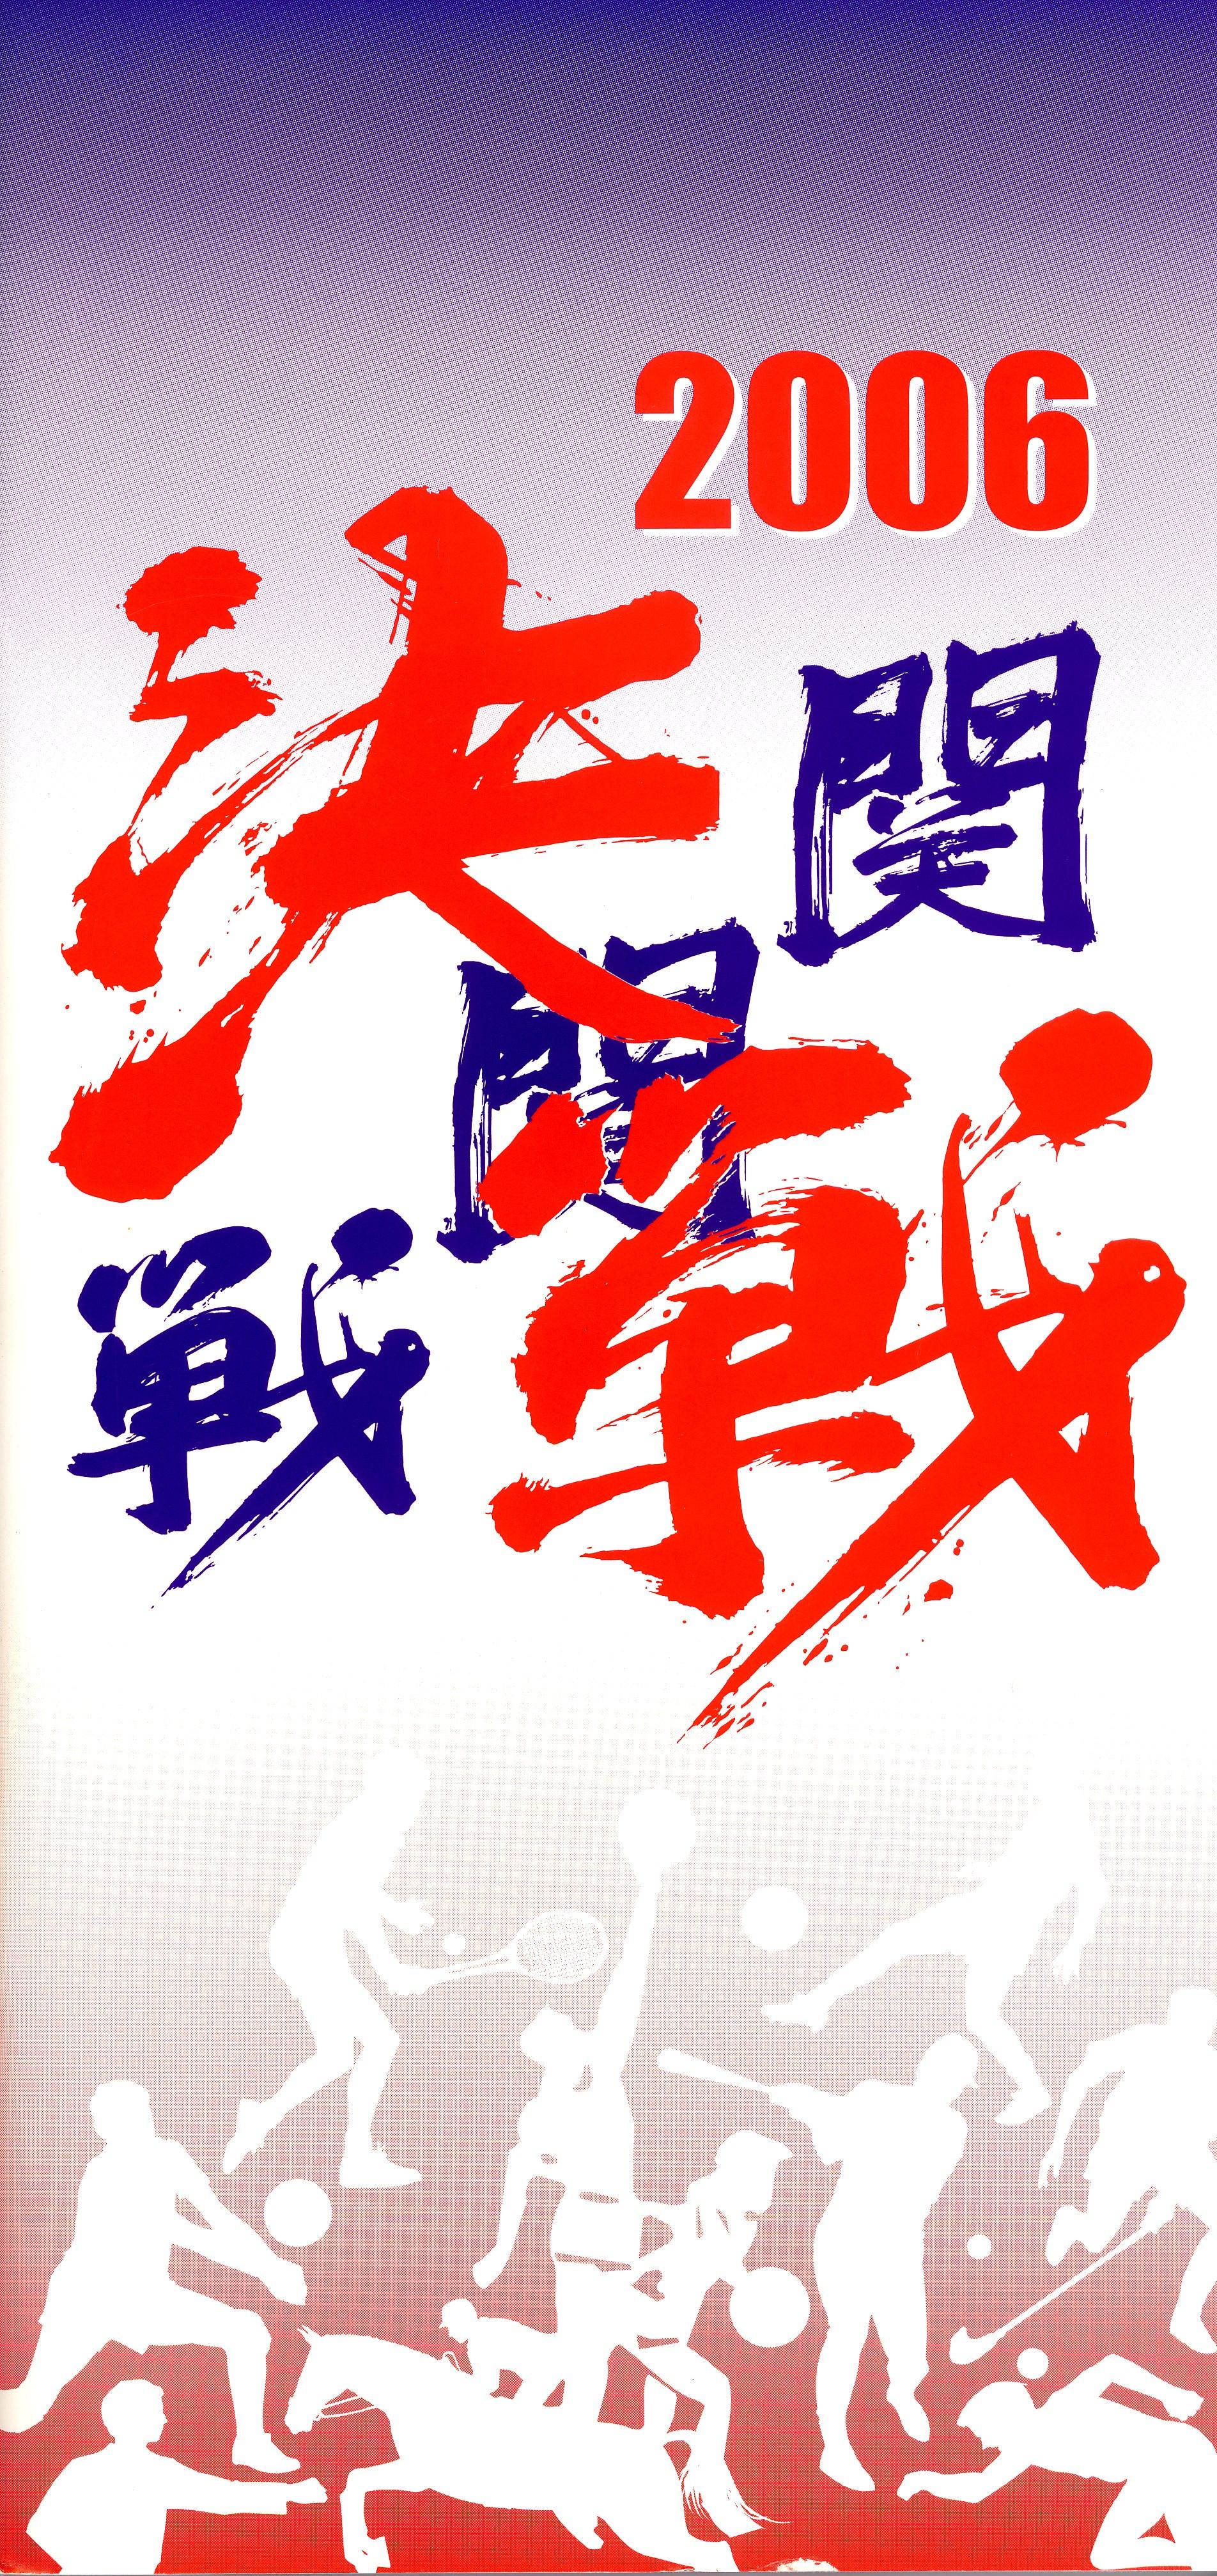 関西 学院 大学 掲示板